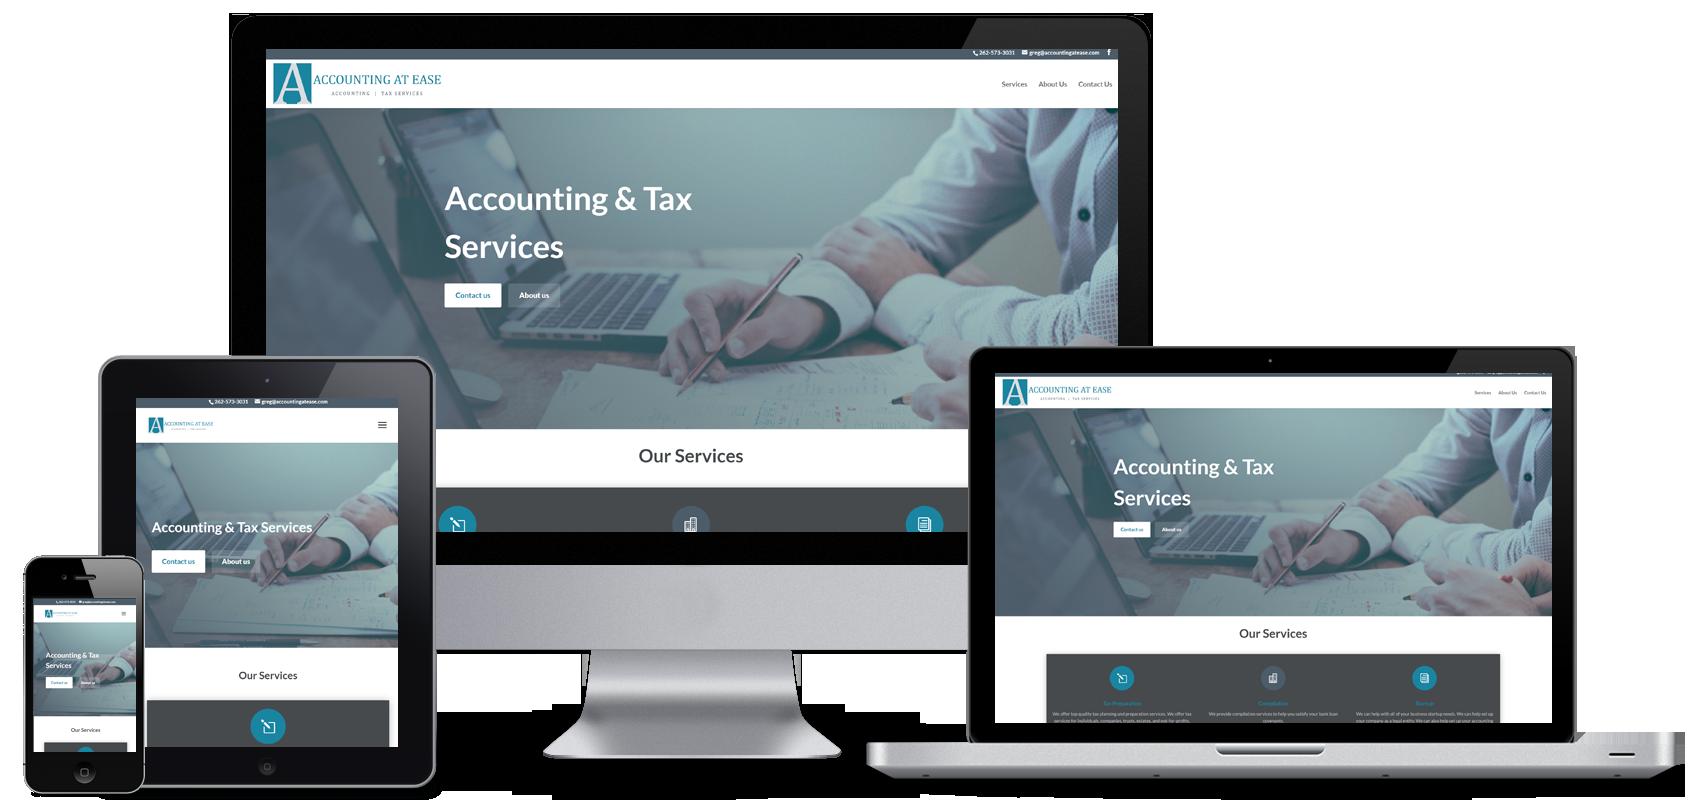 Accounting At Ease Grafton WI